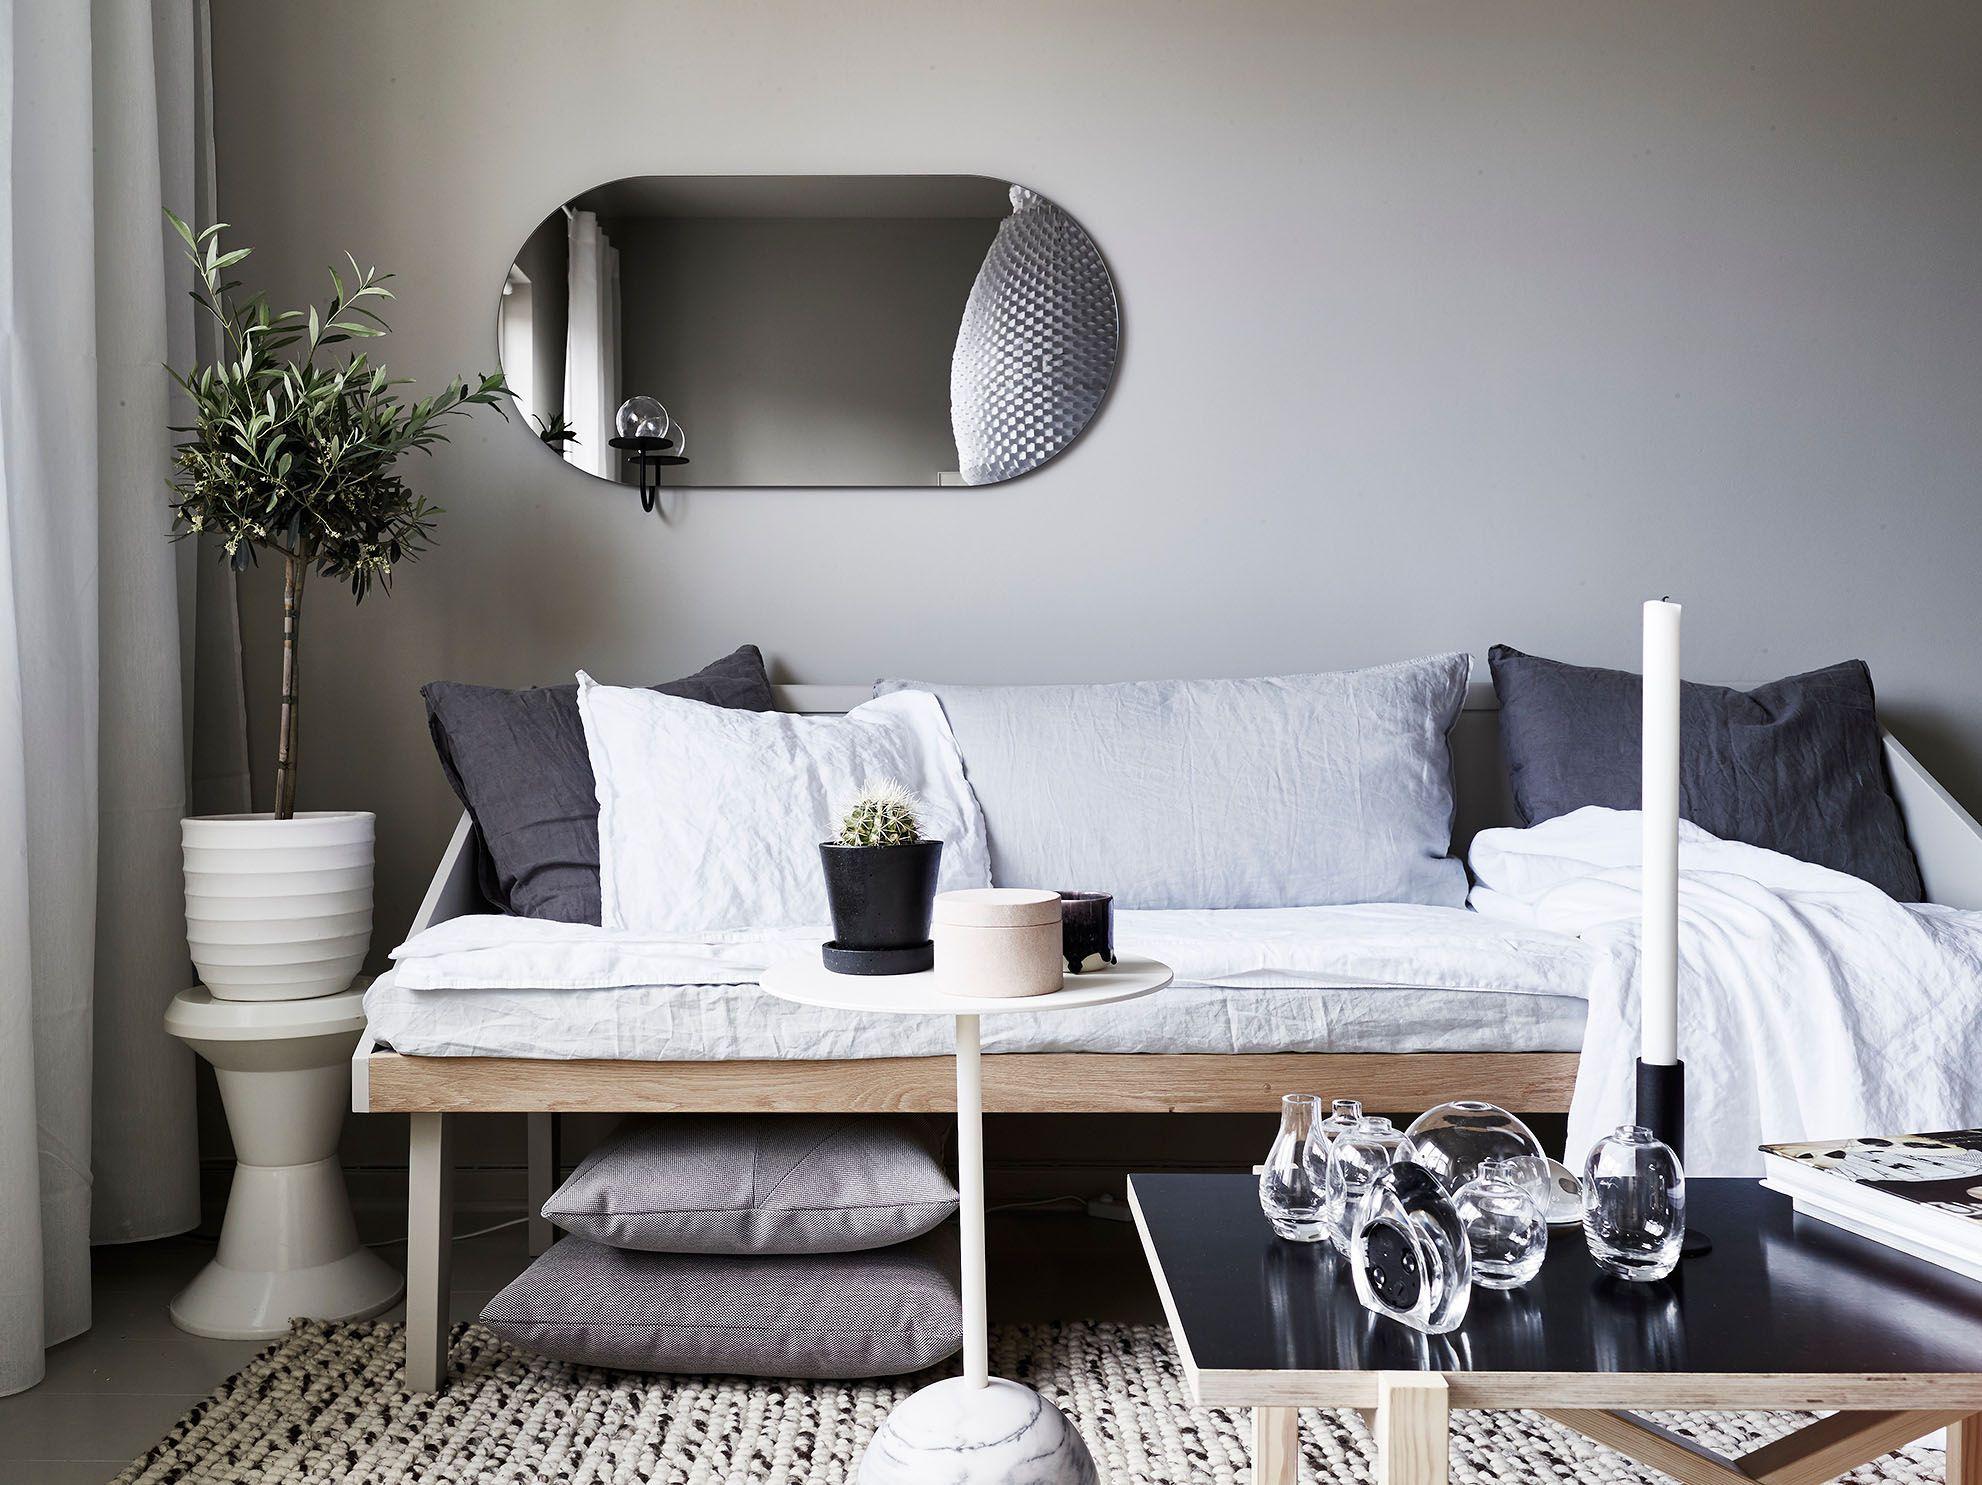 orden limpieza decoración mini piso decoración estilo nórdico ...